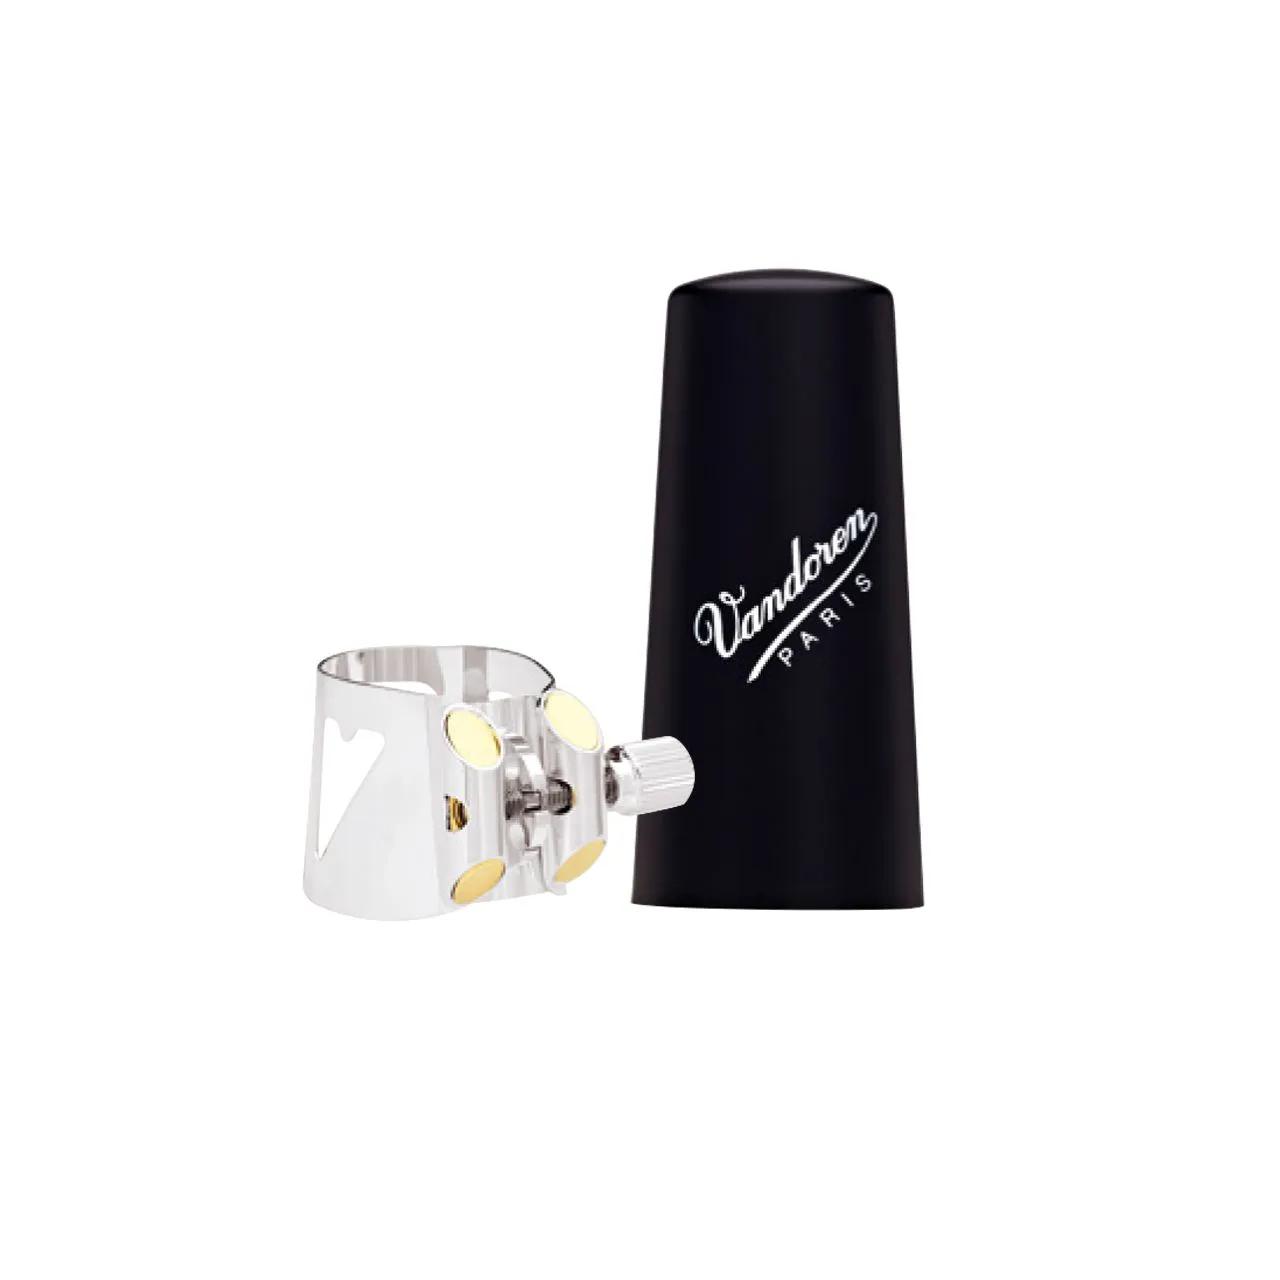 Bracadeira Optimum Prata Lc02p P/clarinete Eb C/cobre Boquilha De Plastico Lc02p Vandoren